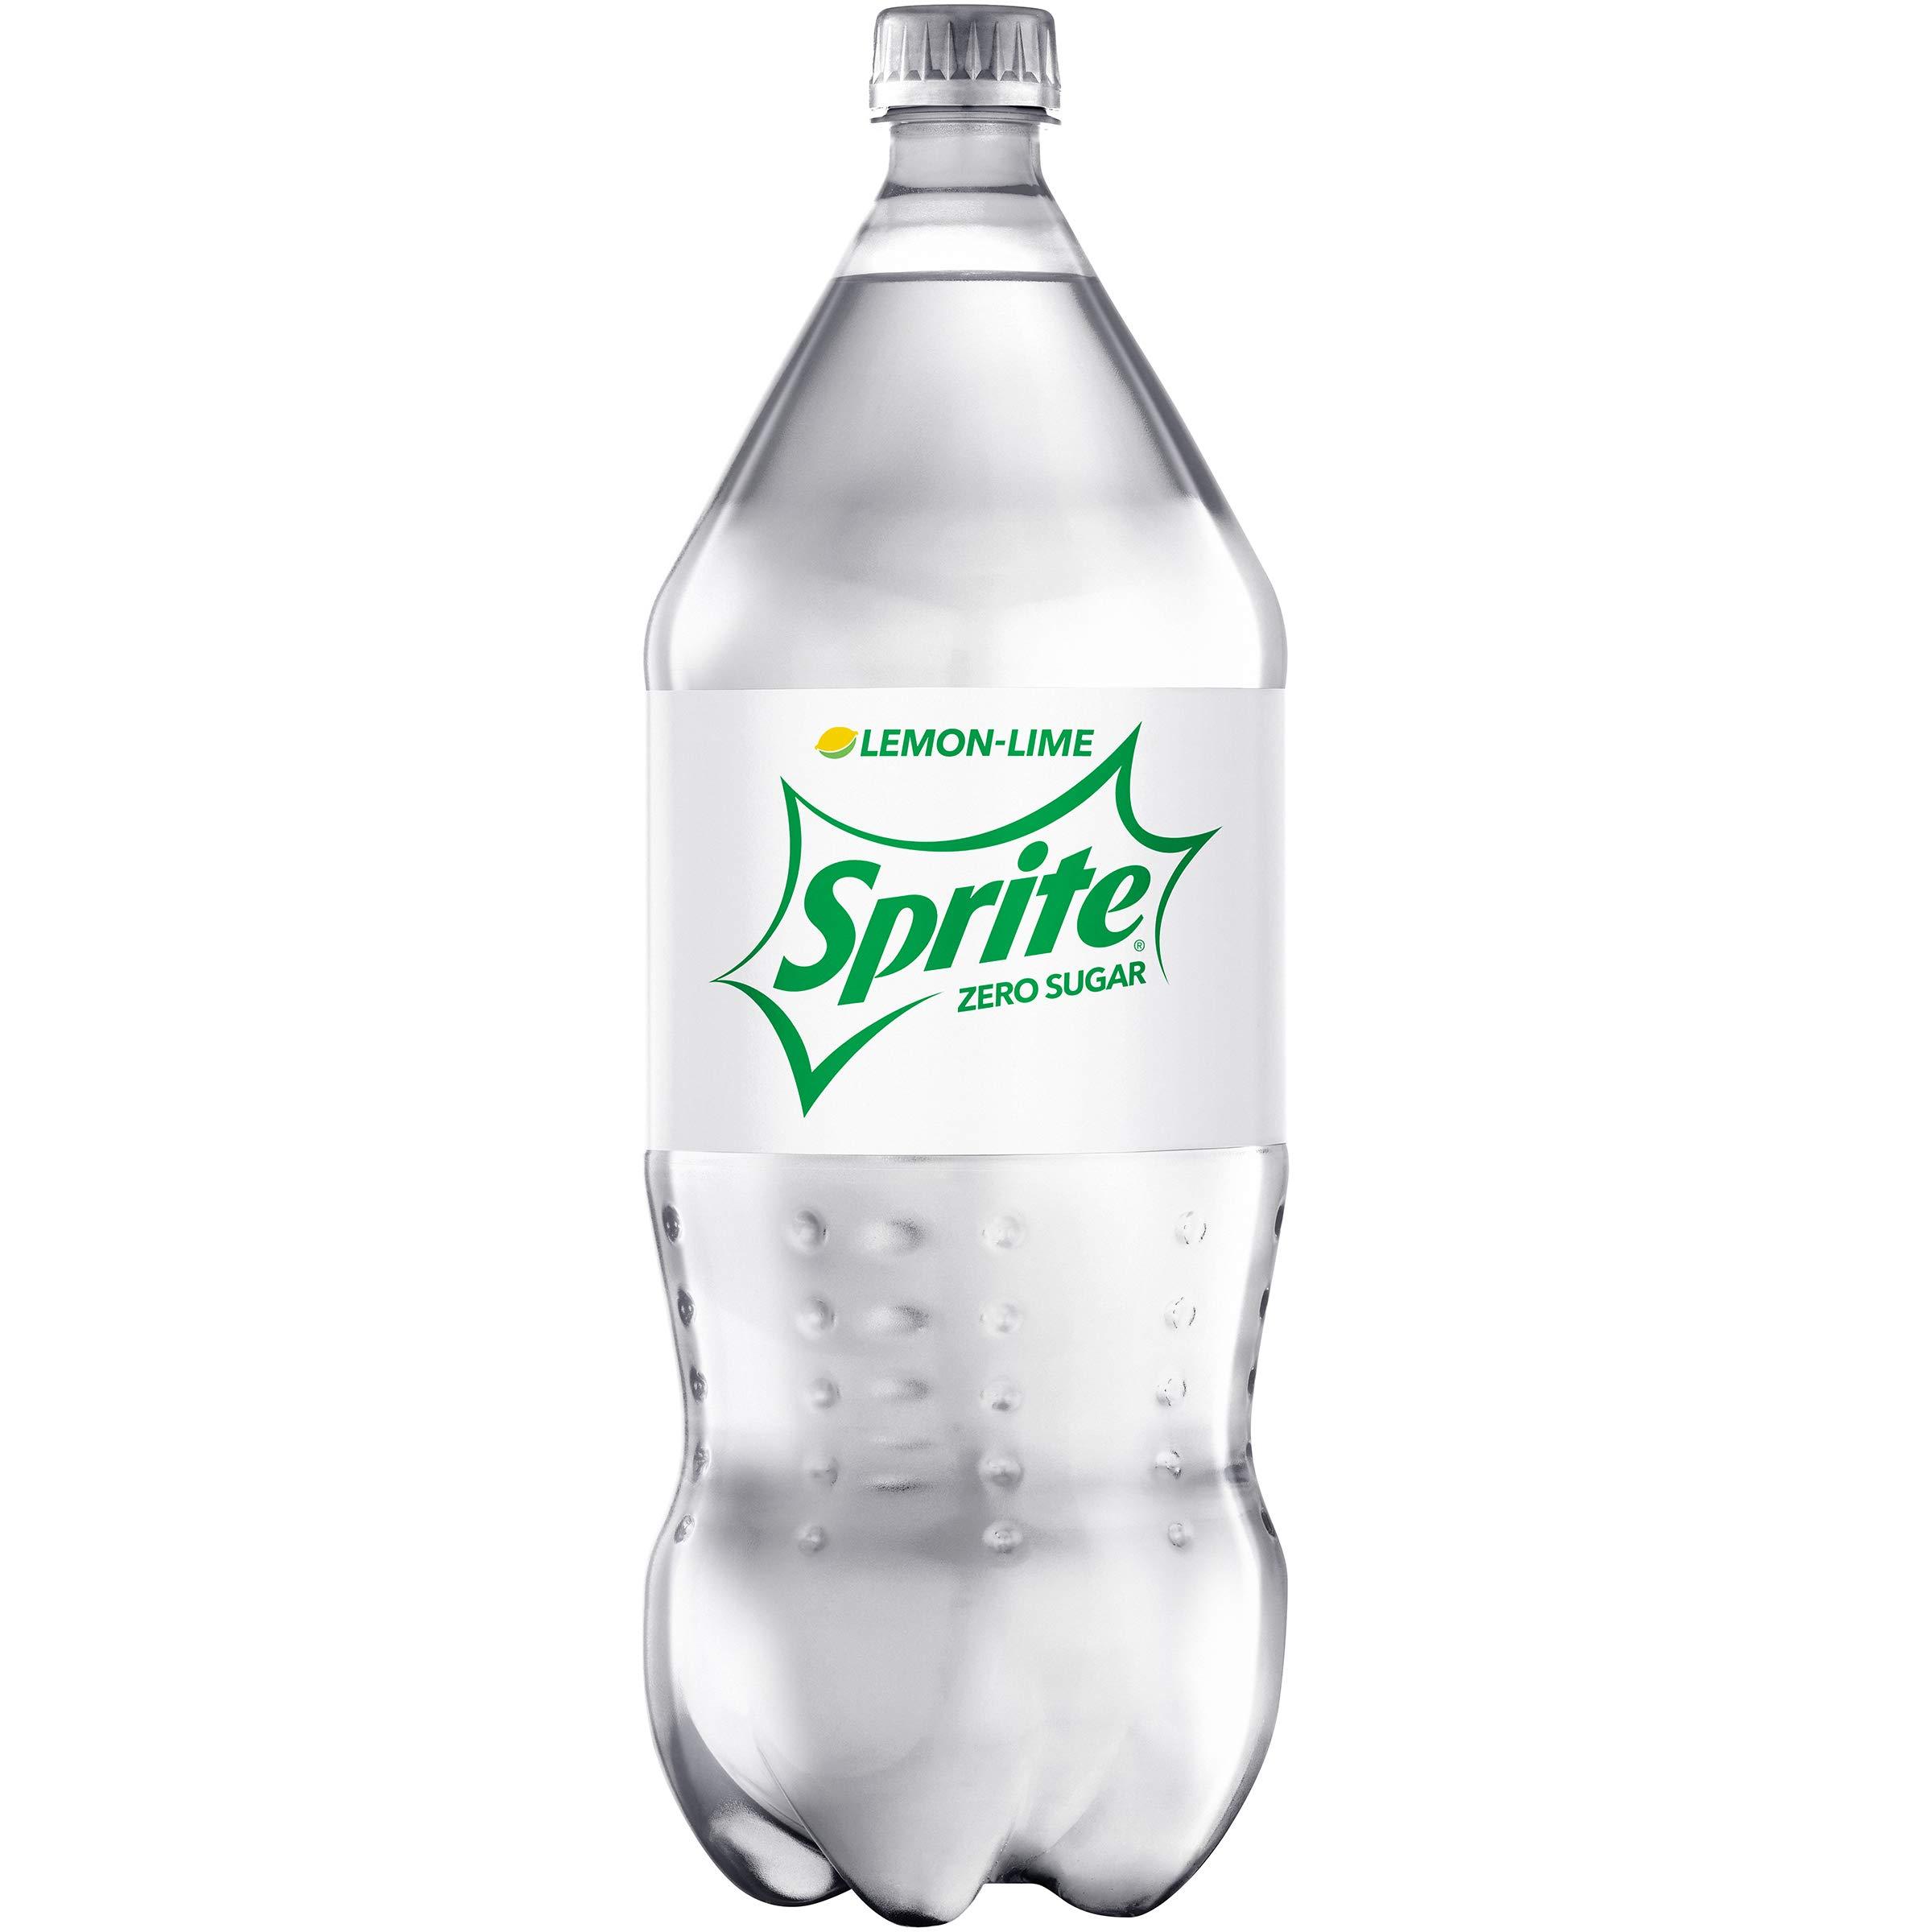 Sprite Zero Lemon Lime Diet Soda Soft Drink, 2 Liter Bottle